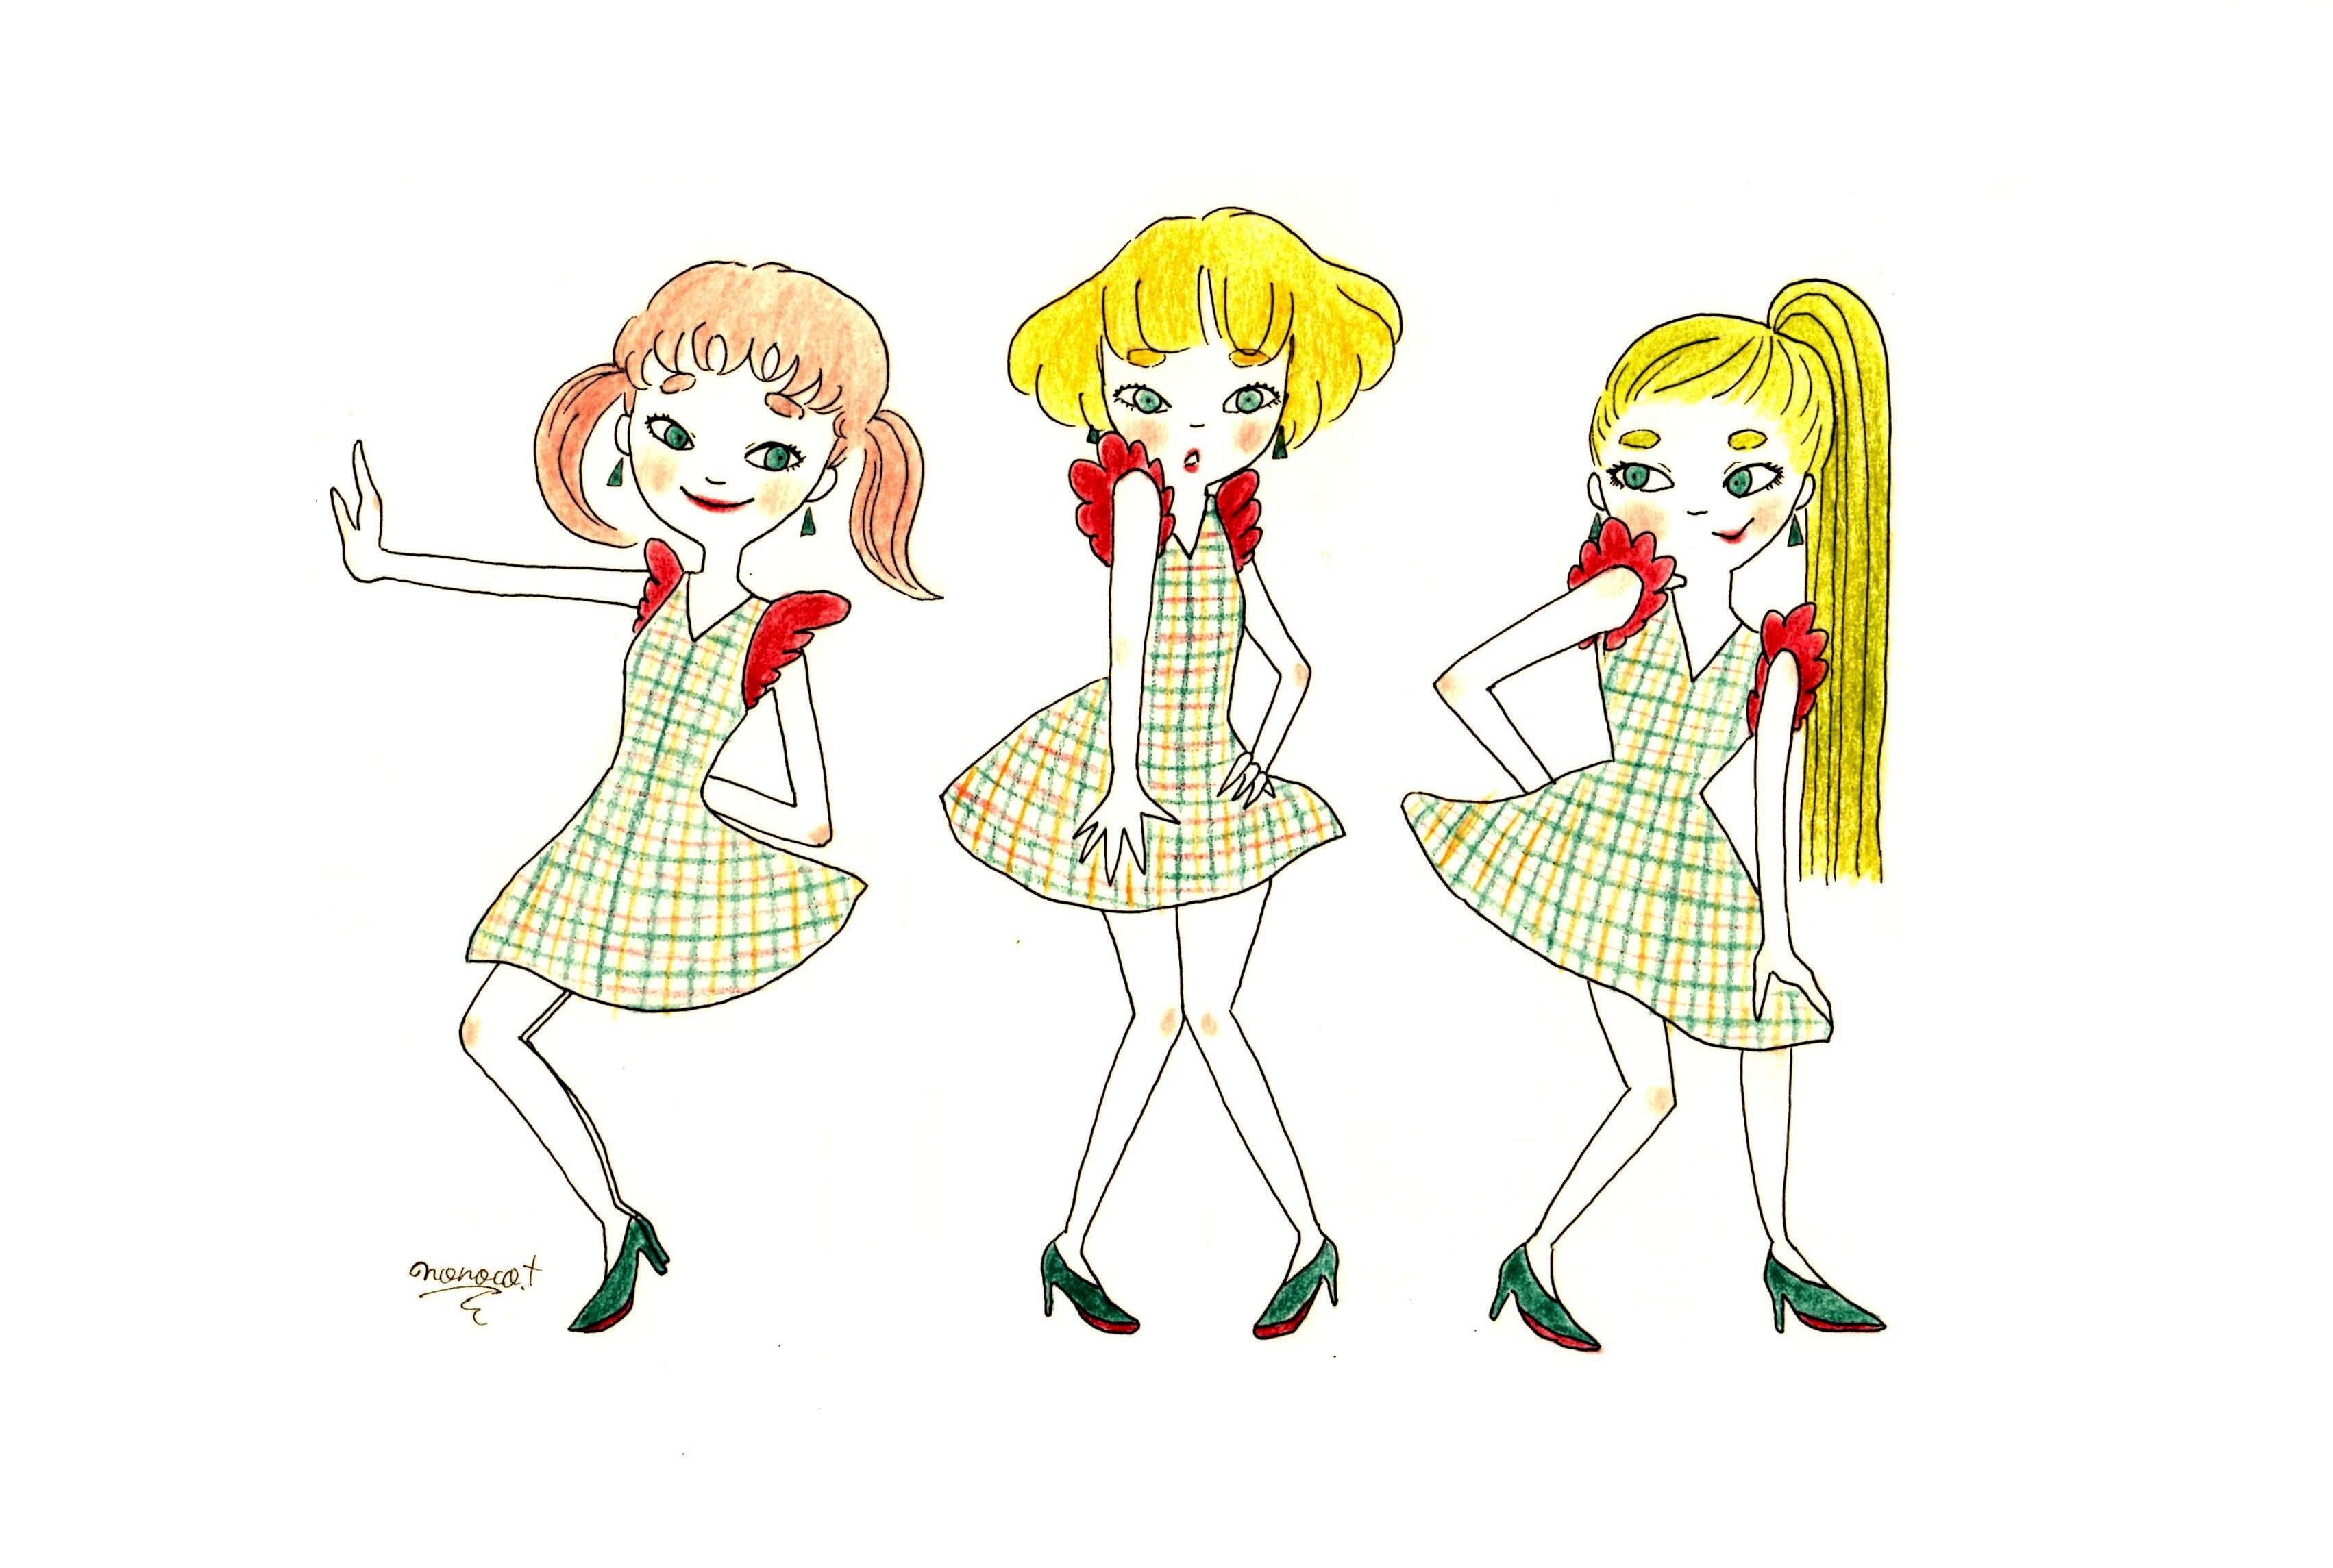 girlspop